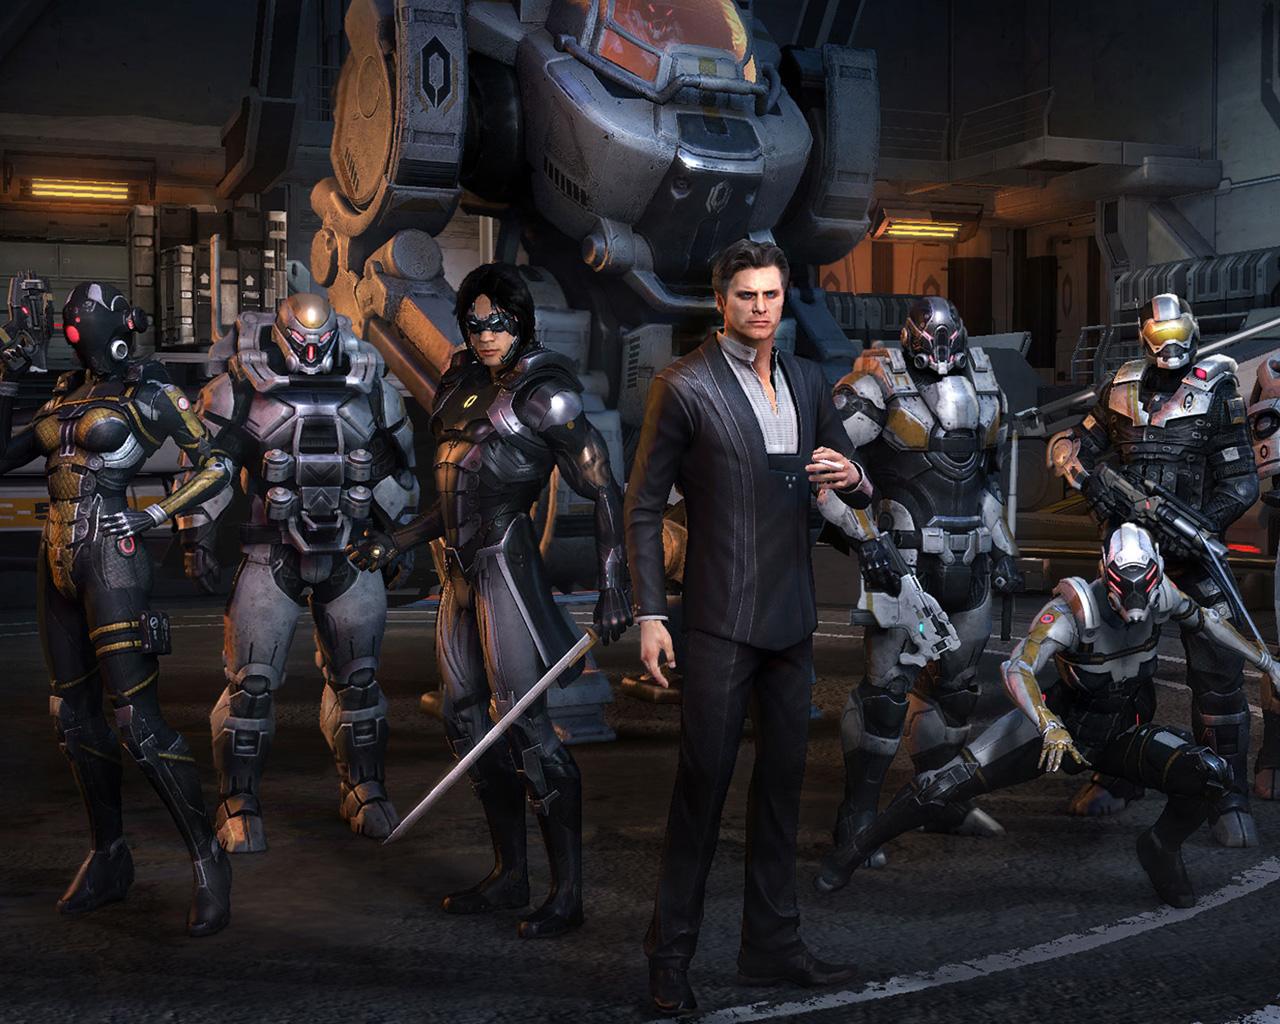 Mass Effect 3 Wallpaper in 1280x1024